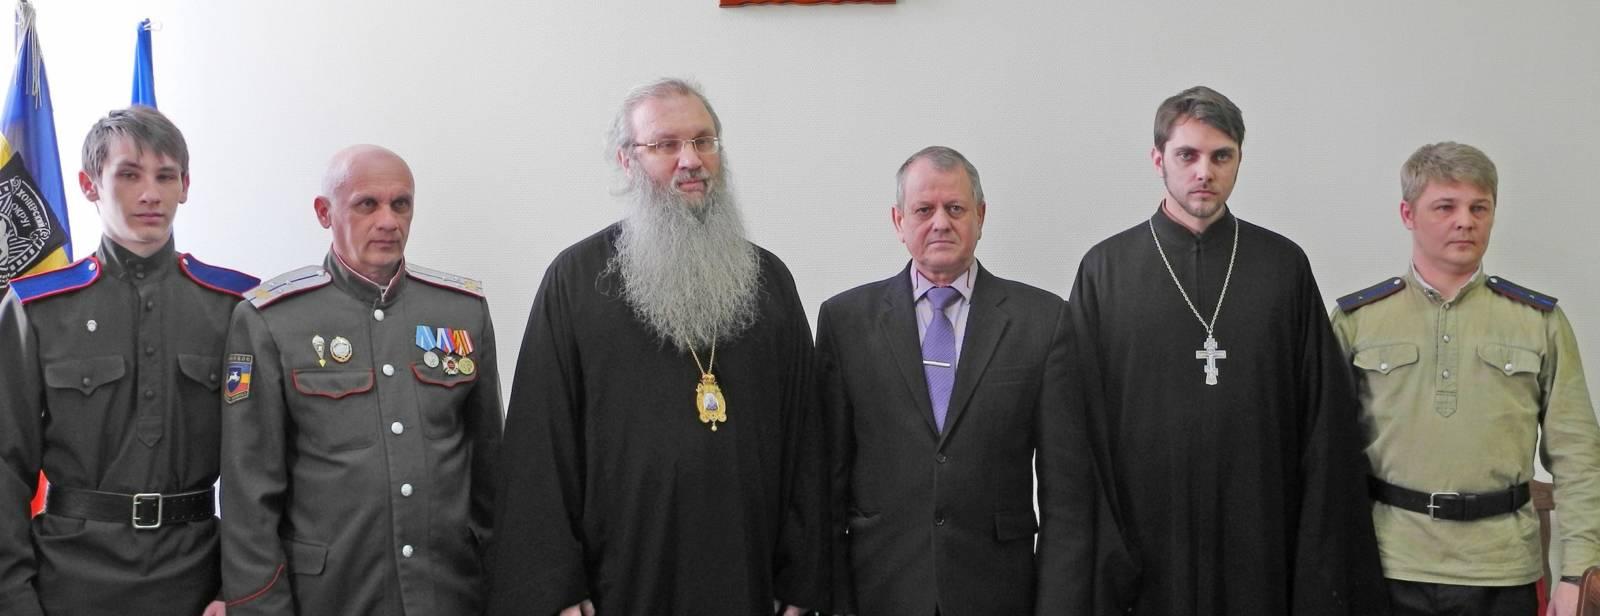 Подписание соглашения о взаимодействии между Урюпинской автошколой ДОСААФ и приходом Покровского кафедрального собора.